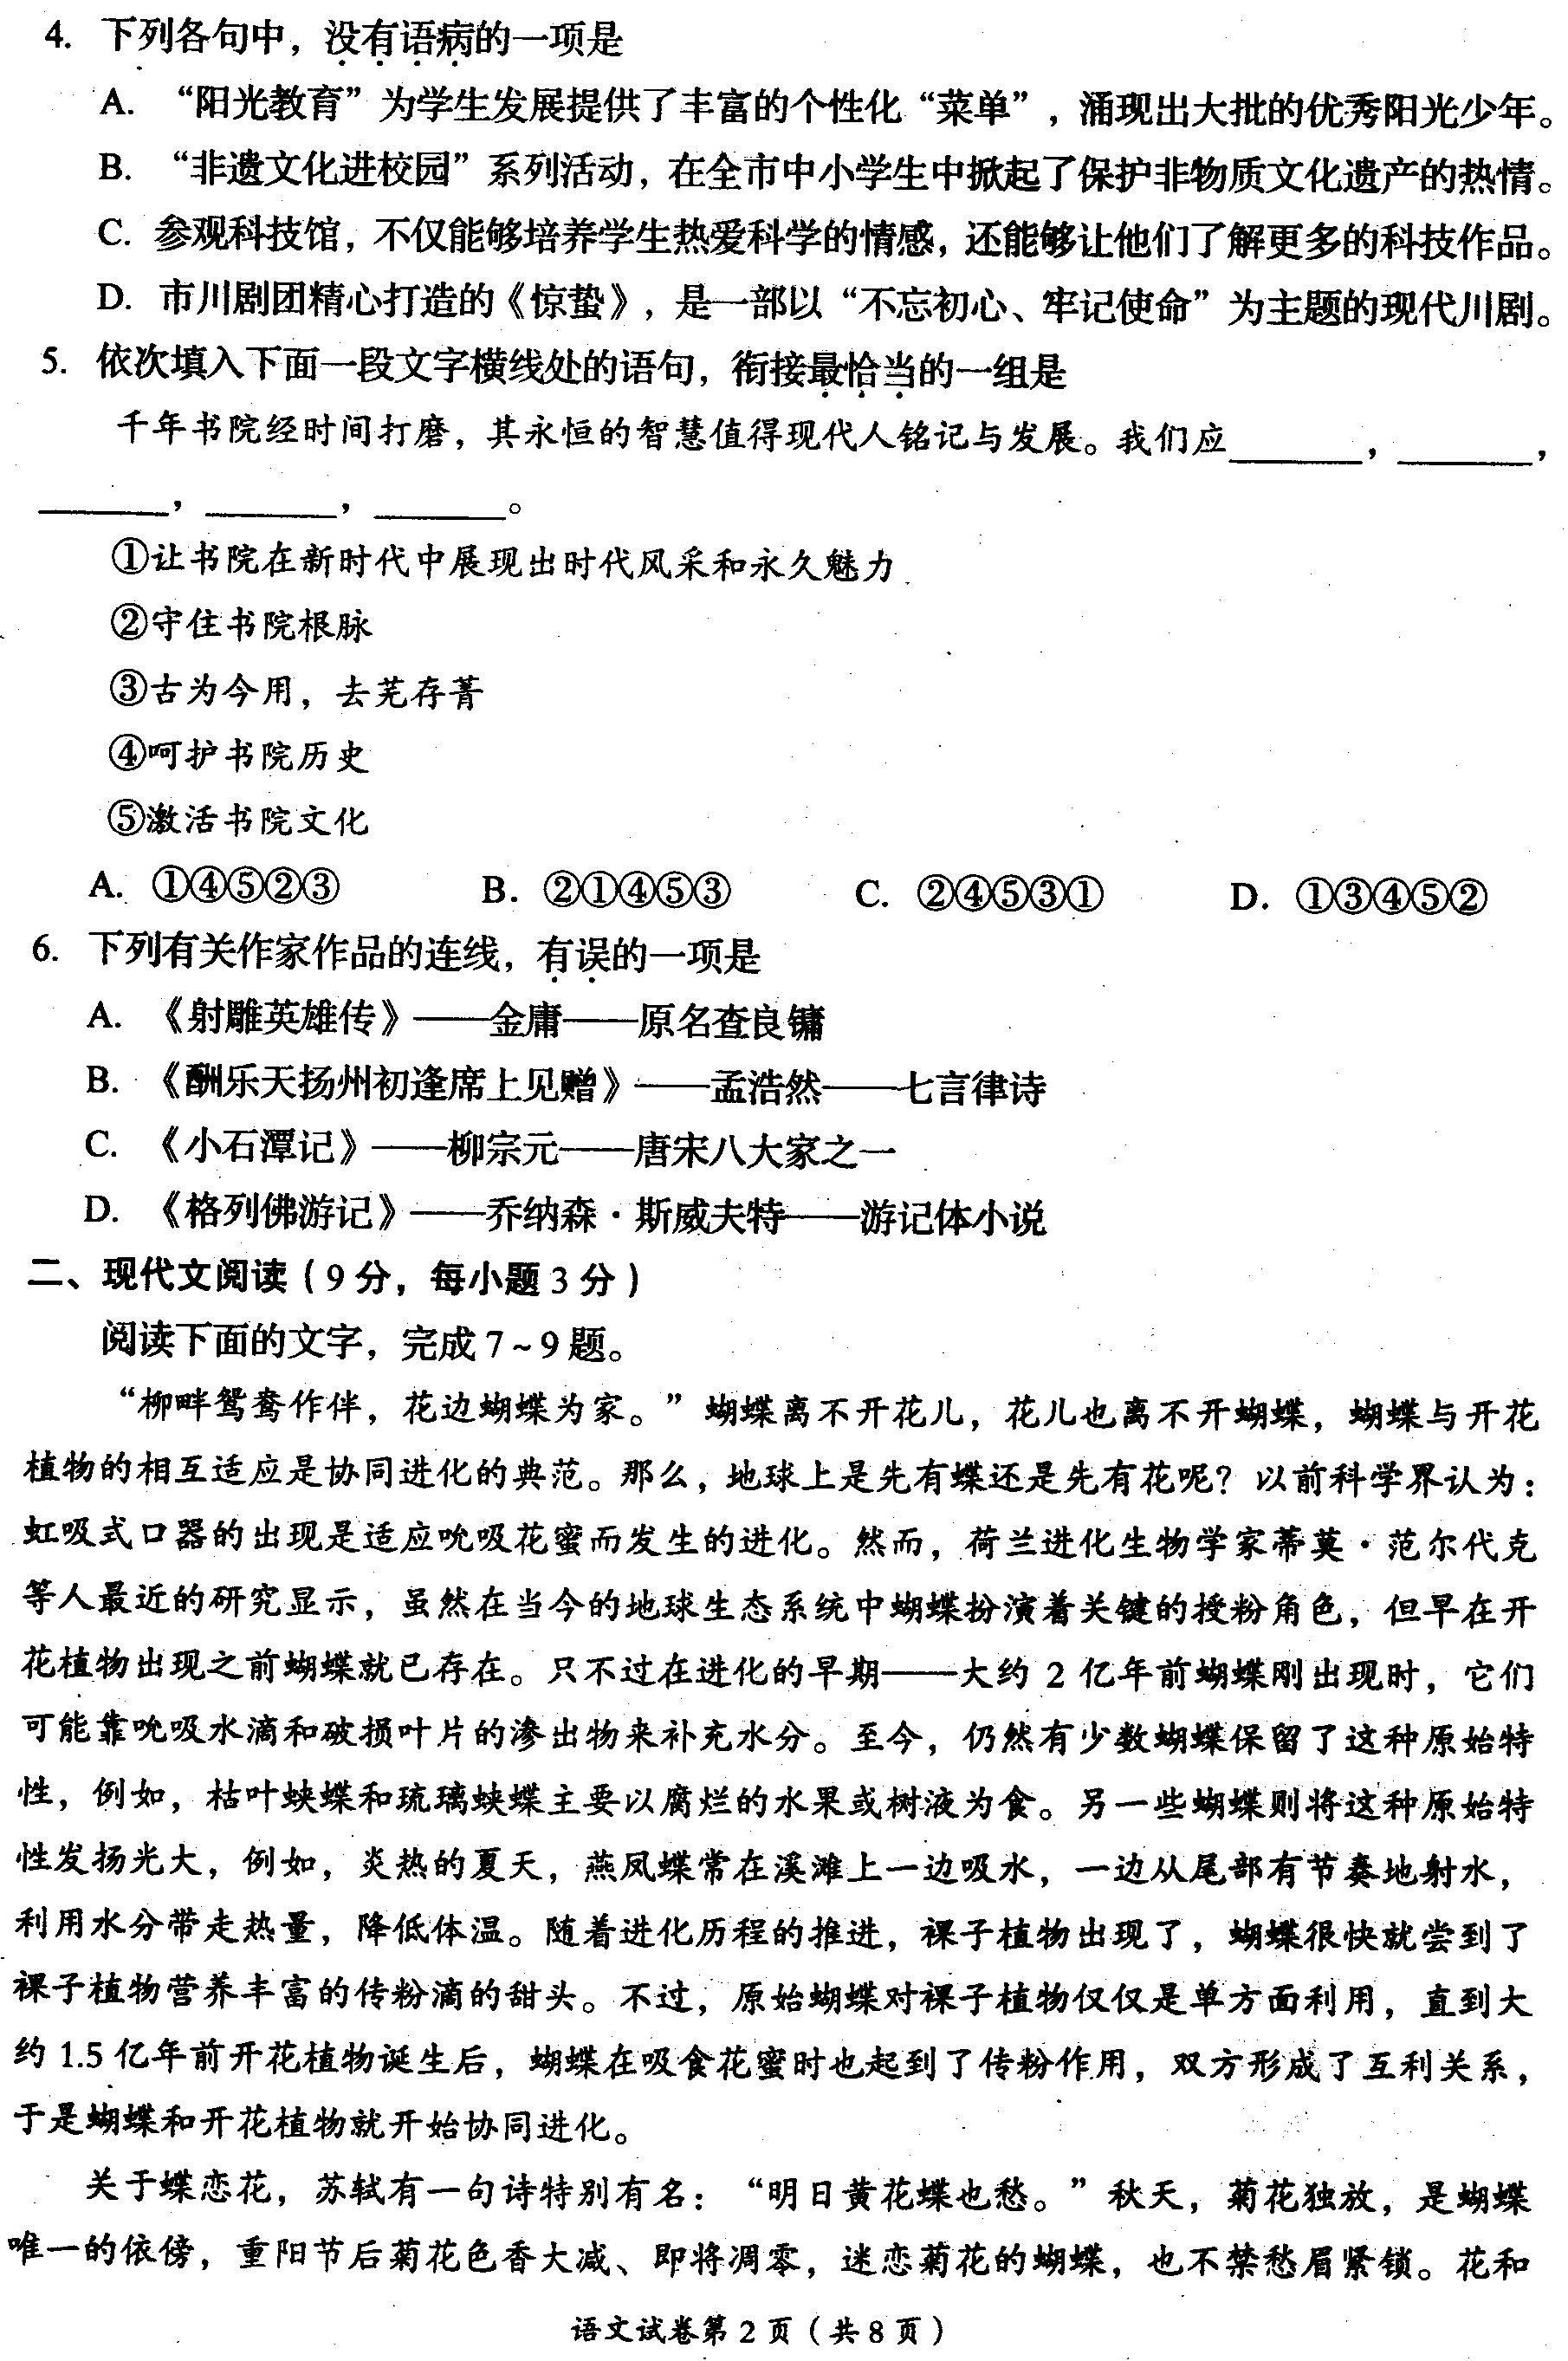 2019年四川自贡中考作文语文真题